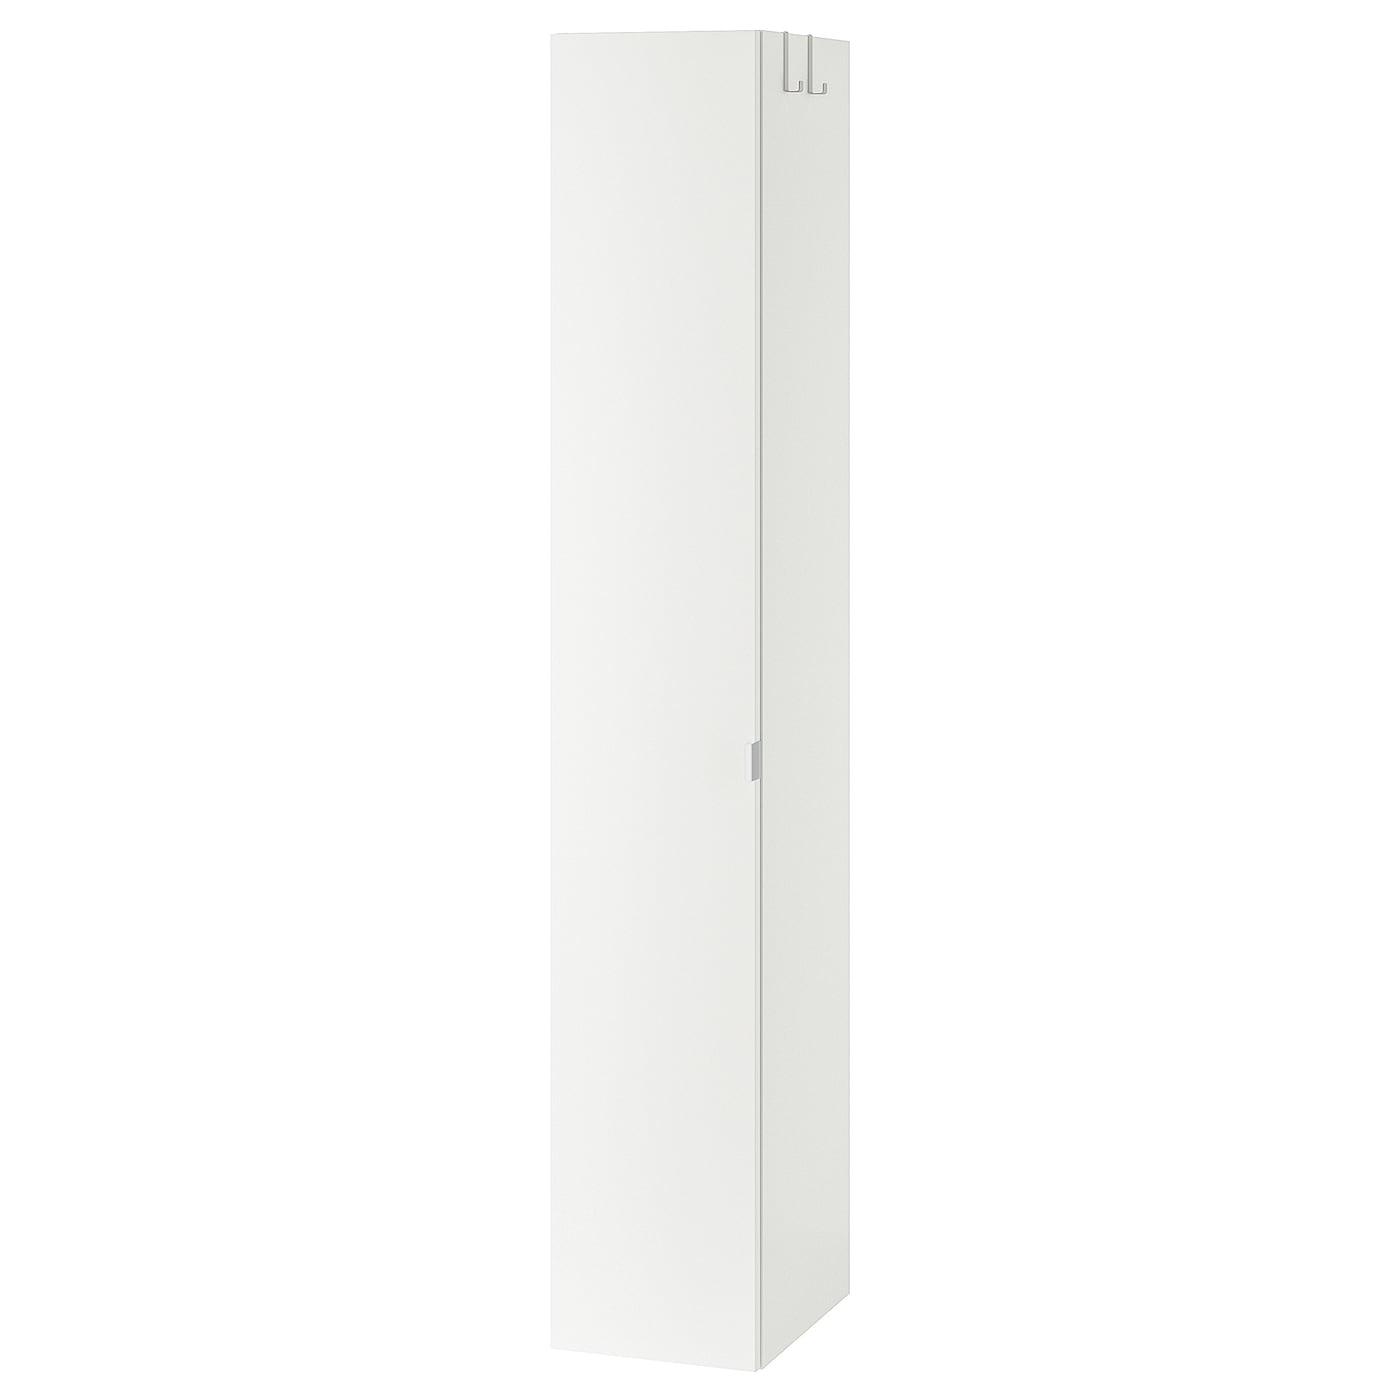 Meuble En Colonne Ikea lillÅngen colonne - blanc 30x38x179 cm